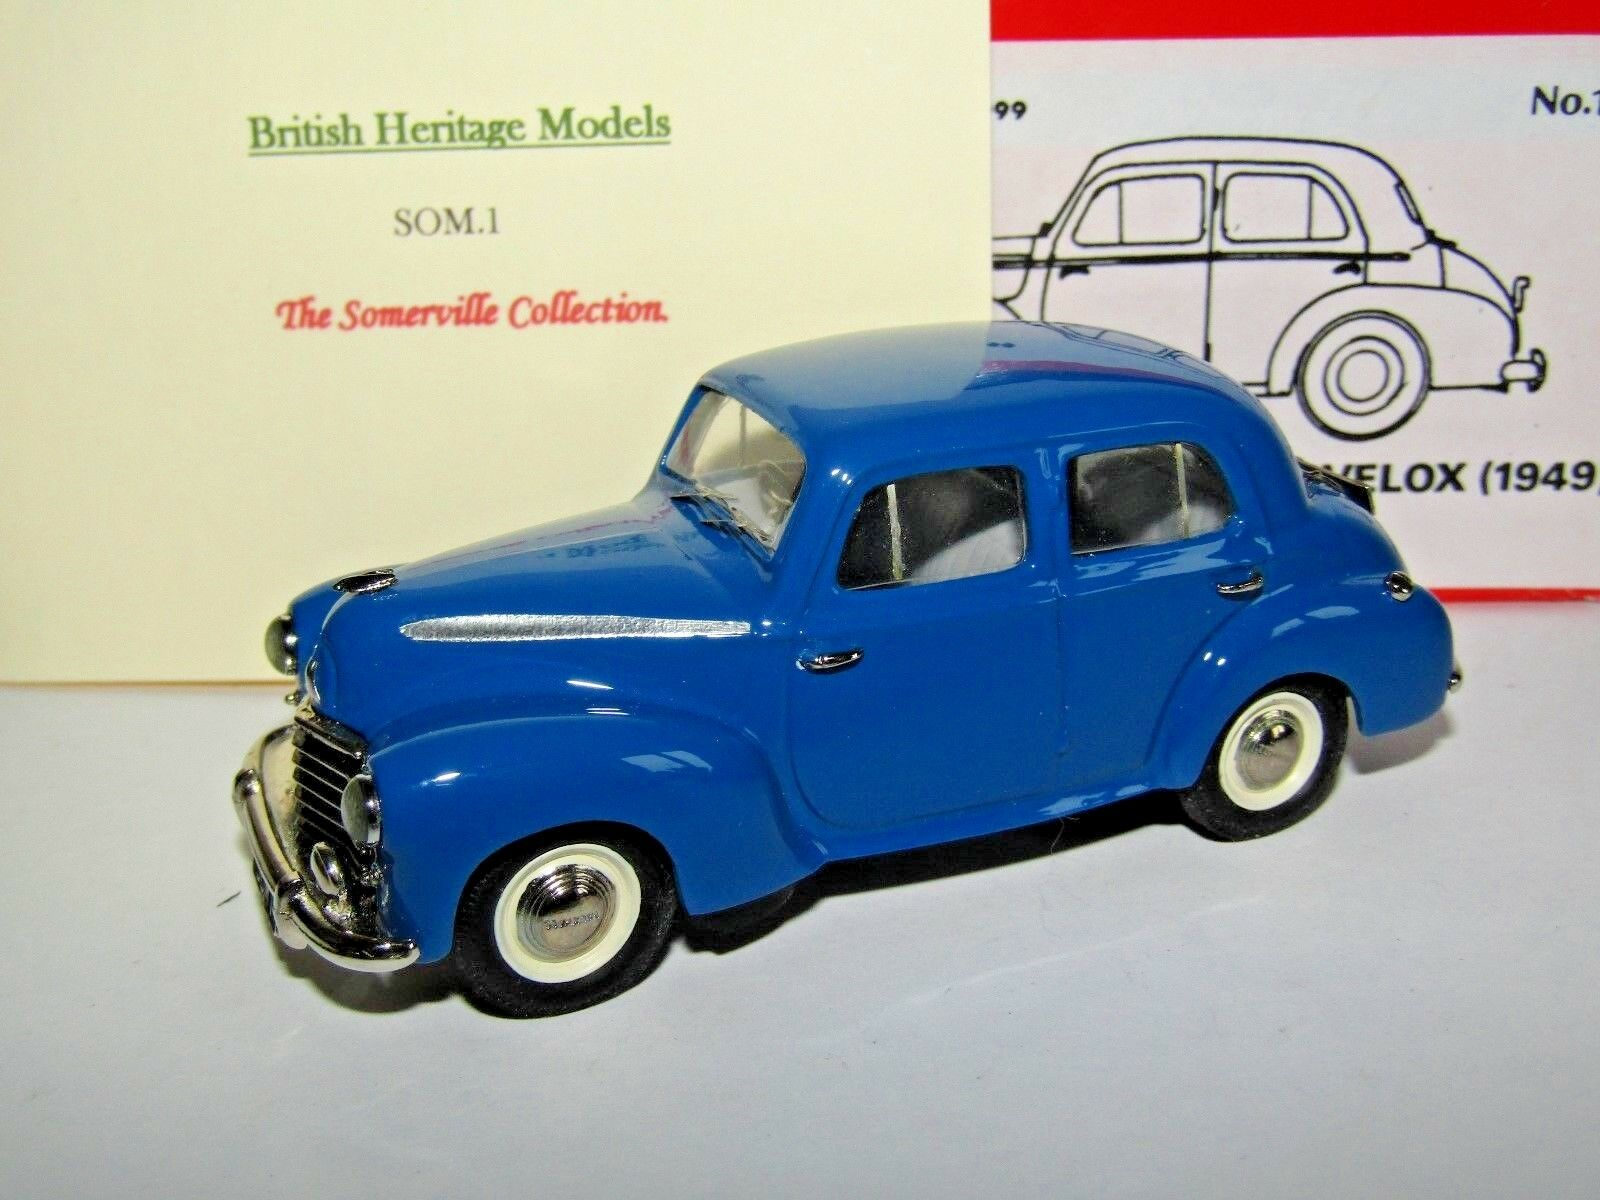 buscando agente de ventas Somerville BHM Opel Opel Opel L-Tipo Velox 1949 Azul 1 43 149 edición limitada de 300  artículos de promoción